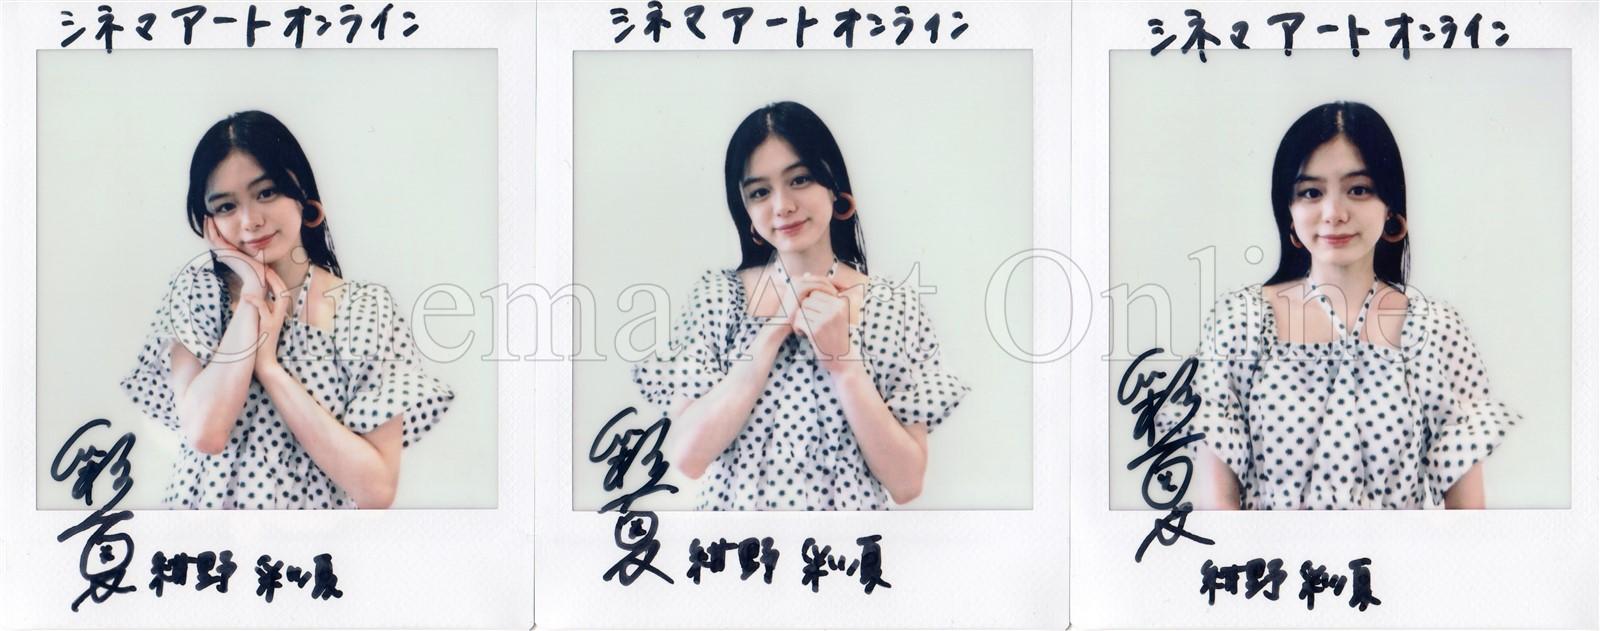 【画像】映画『藍に響け』主演・紺野彩夏 直筆サイン入りチェキ